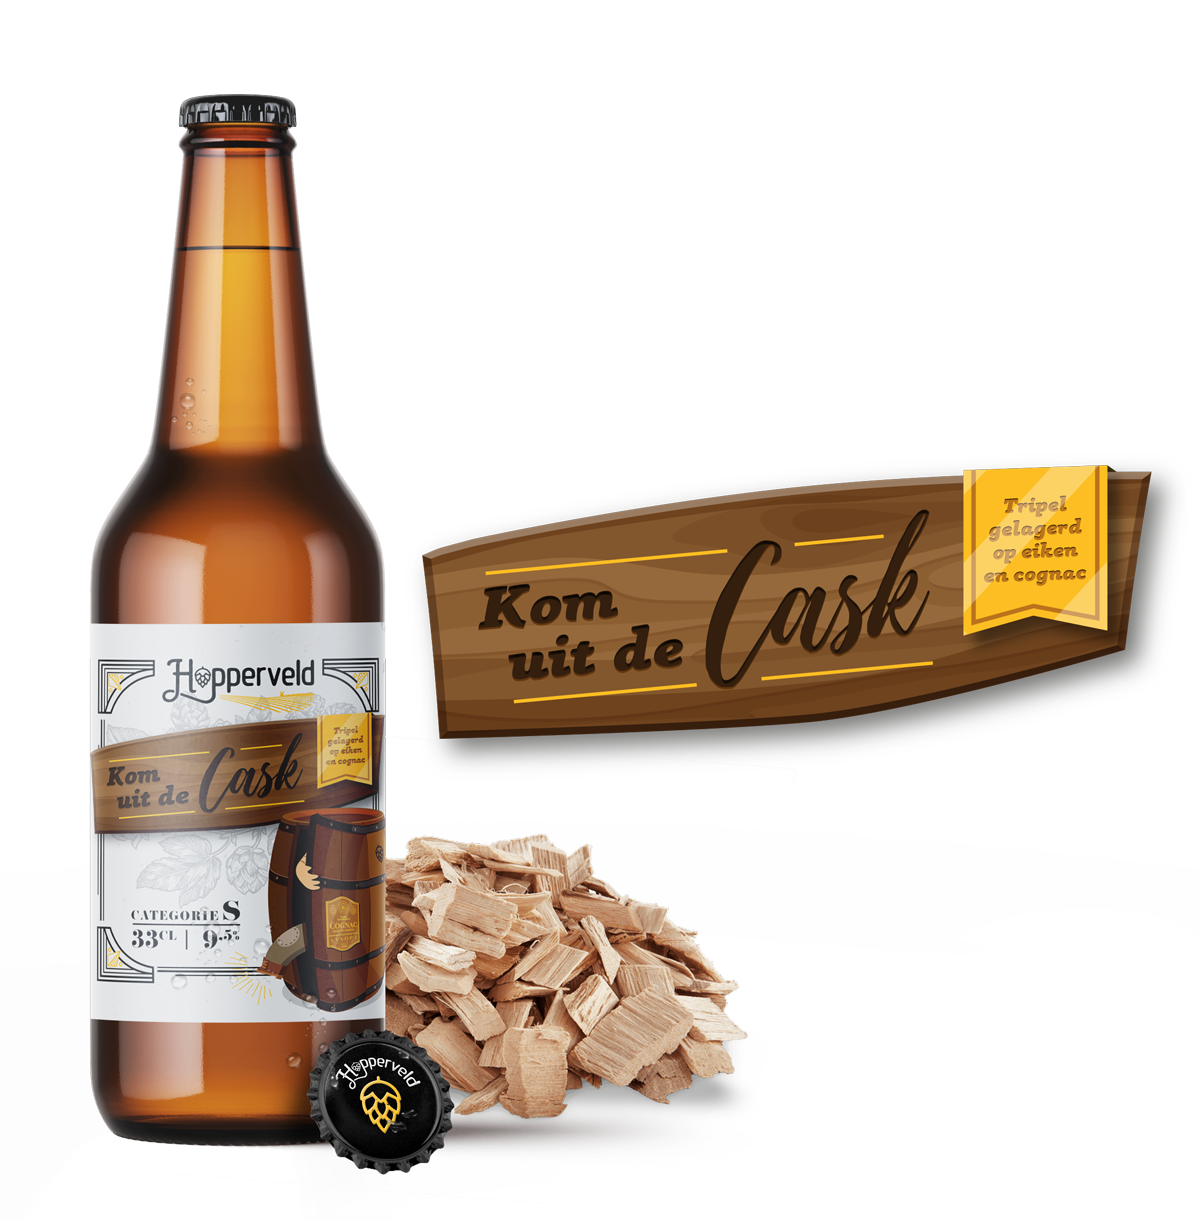 Hopperveld_bier_Kom-uit-de-Cask